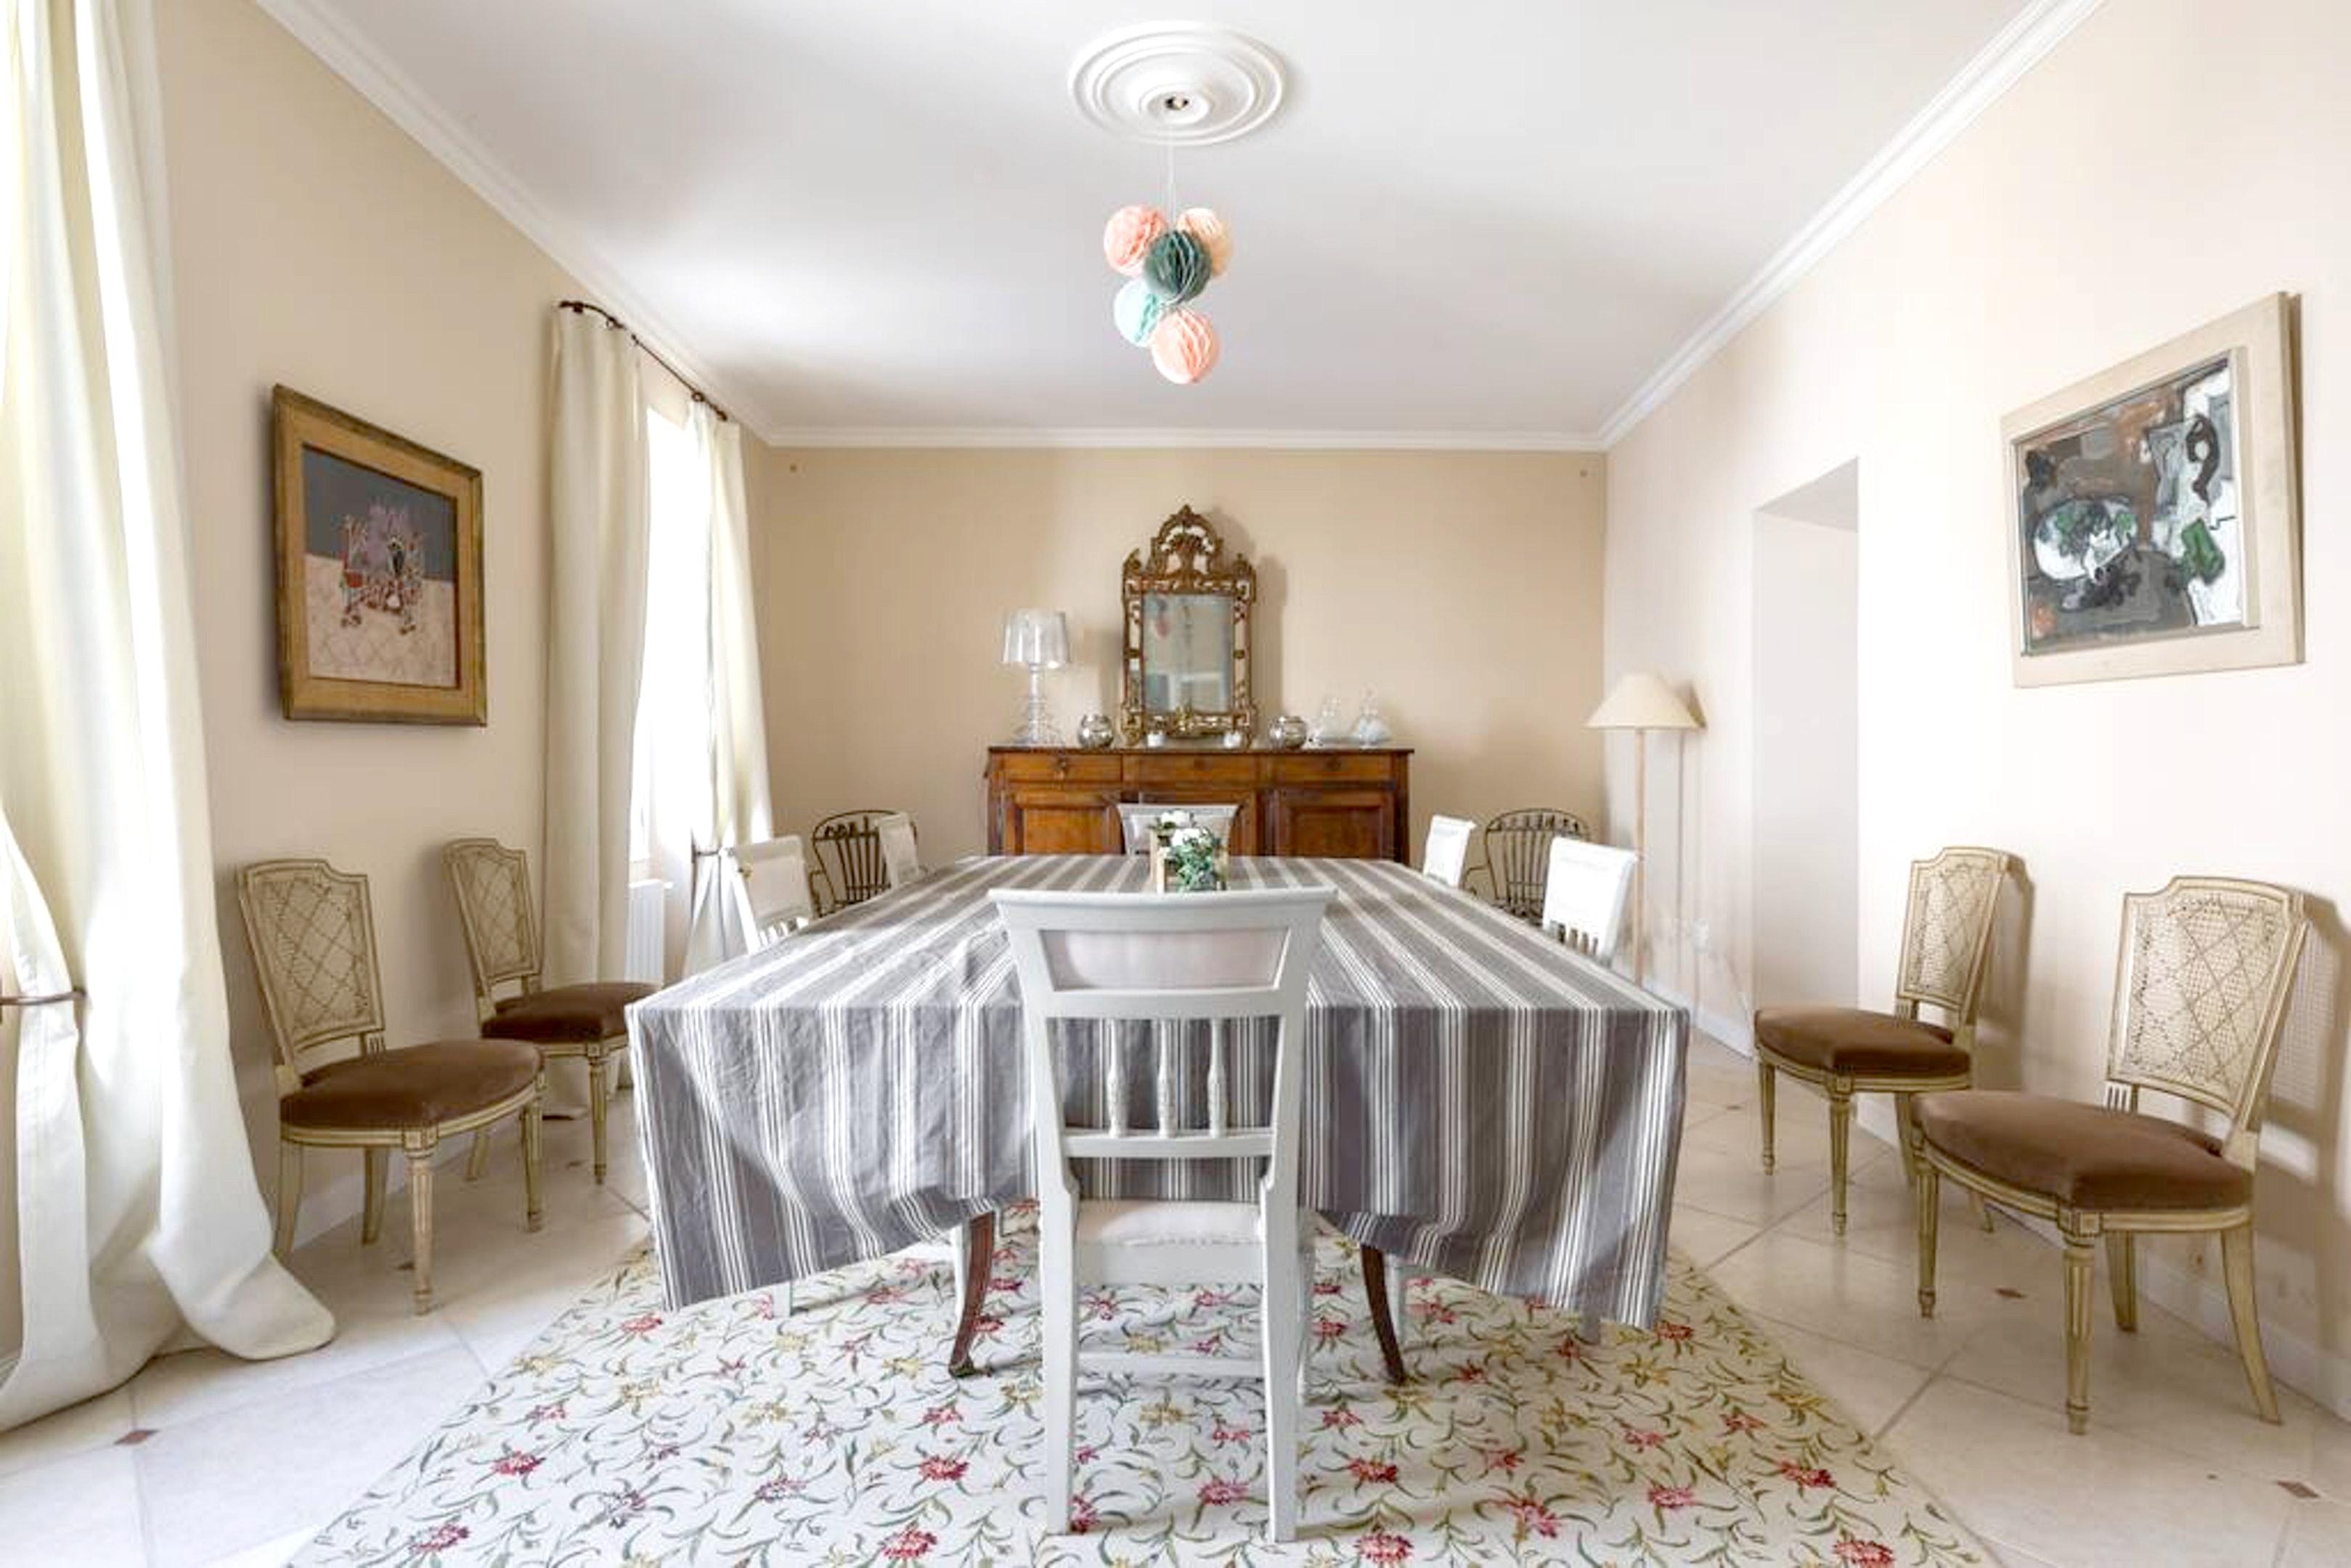 Maison de vacances Villa mit 6 Schlafzimmern in L'Isle-sur-la-Sorgue mit privatem Pool, möbliertem Garten und (2647203), L'Isle sur la Sorgue, Vaucluse, Provence - Alpes - Côte d'Azur, France, image 18